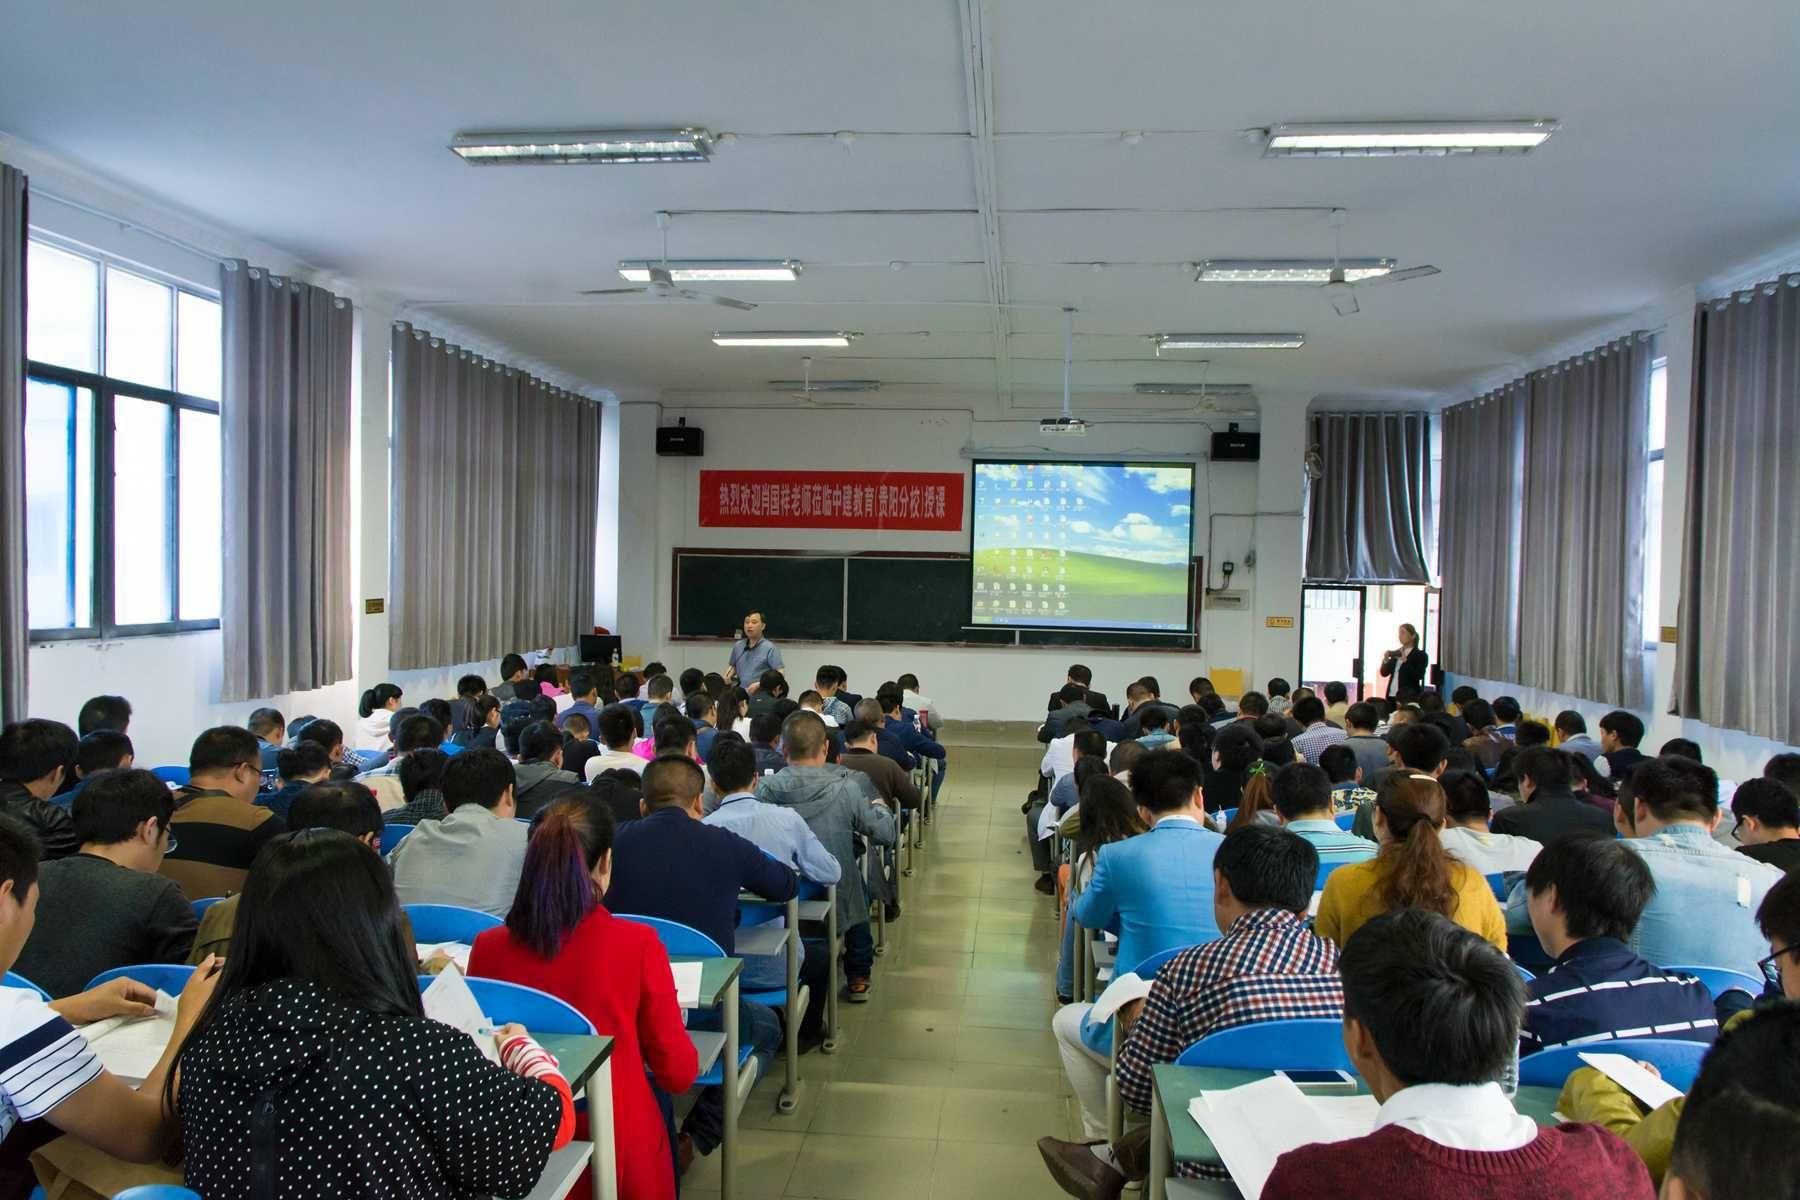 贵州中建尚学教育课堂照片